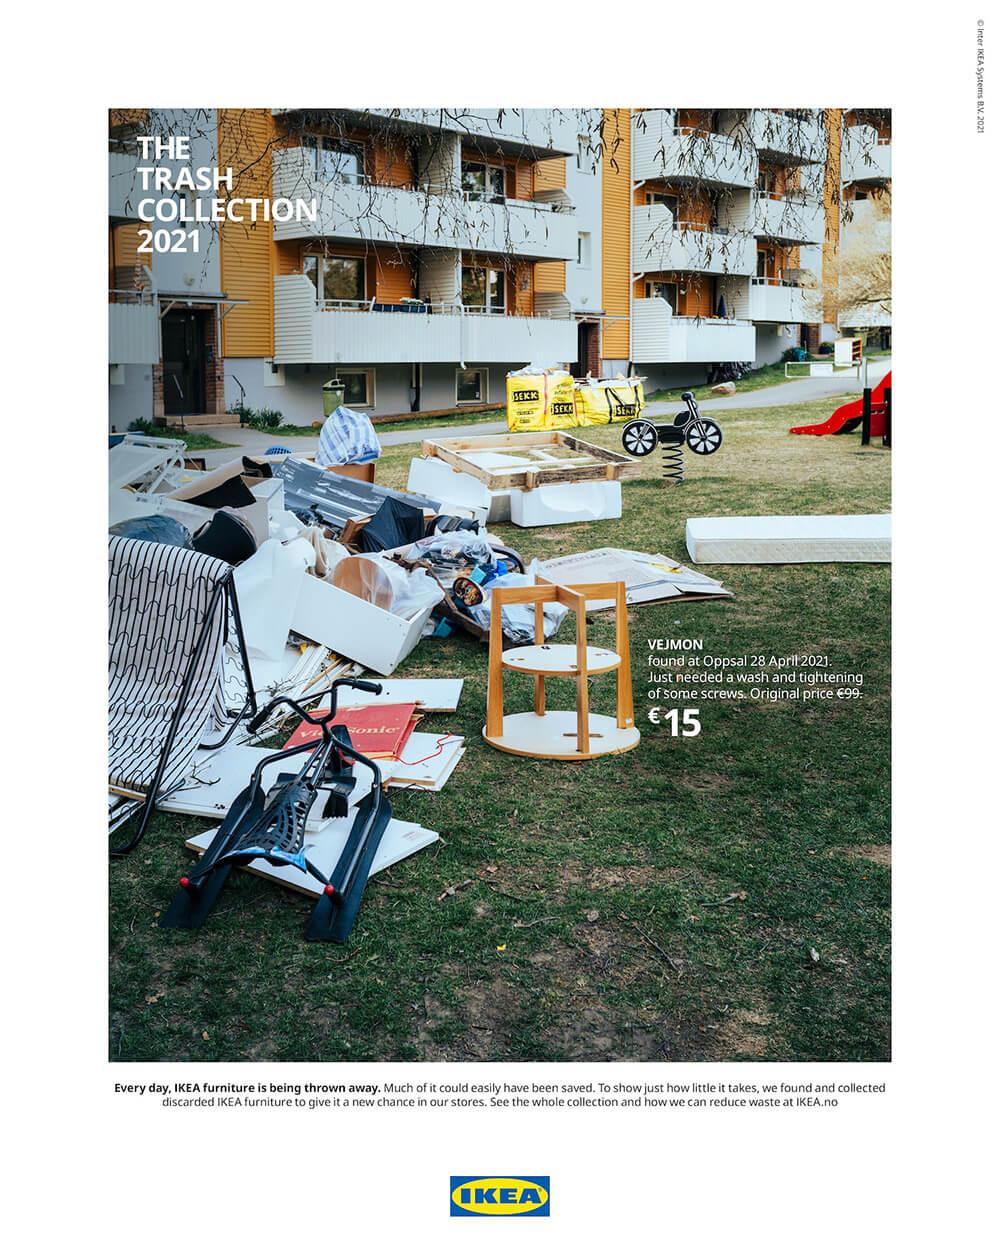 Meble IKEA wnowej kampanii jako śmiec